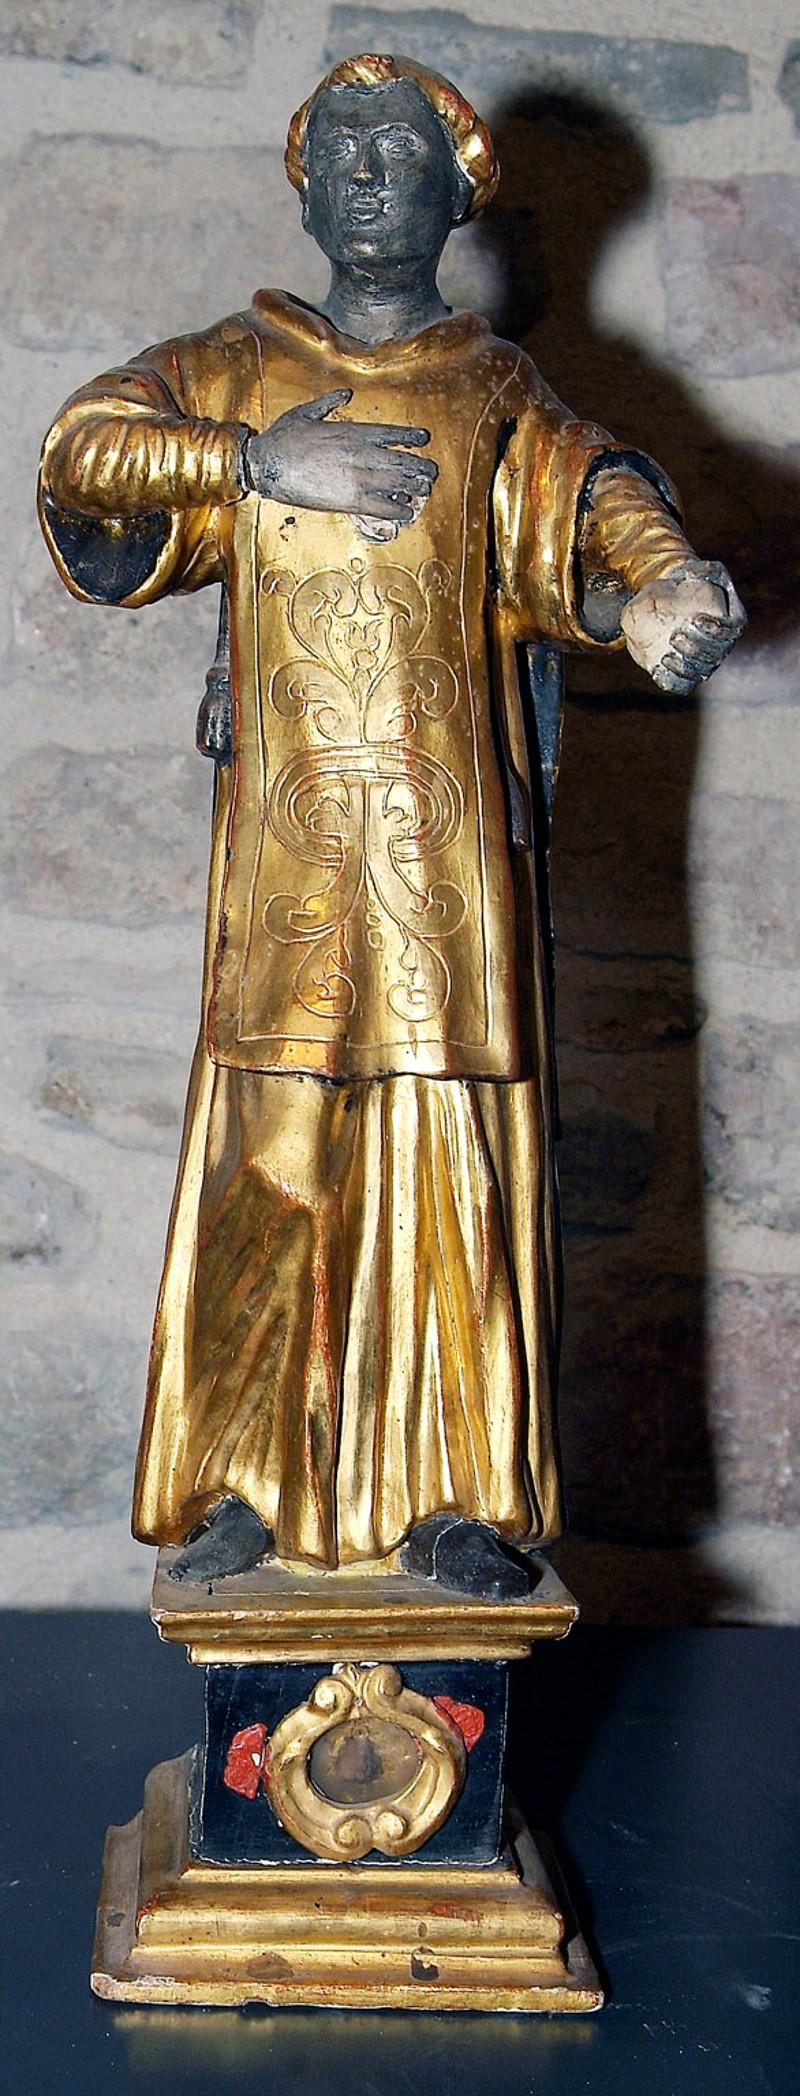 Ambito eugubino sec. XVIII, Reliquiario di Santo Stefano protomartire dans immagini sacre